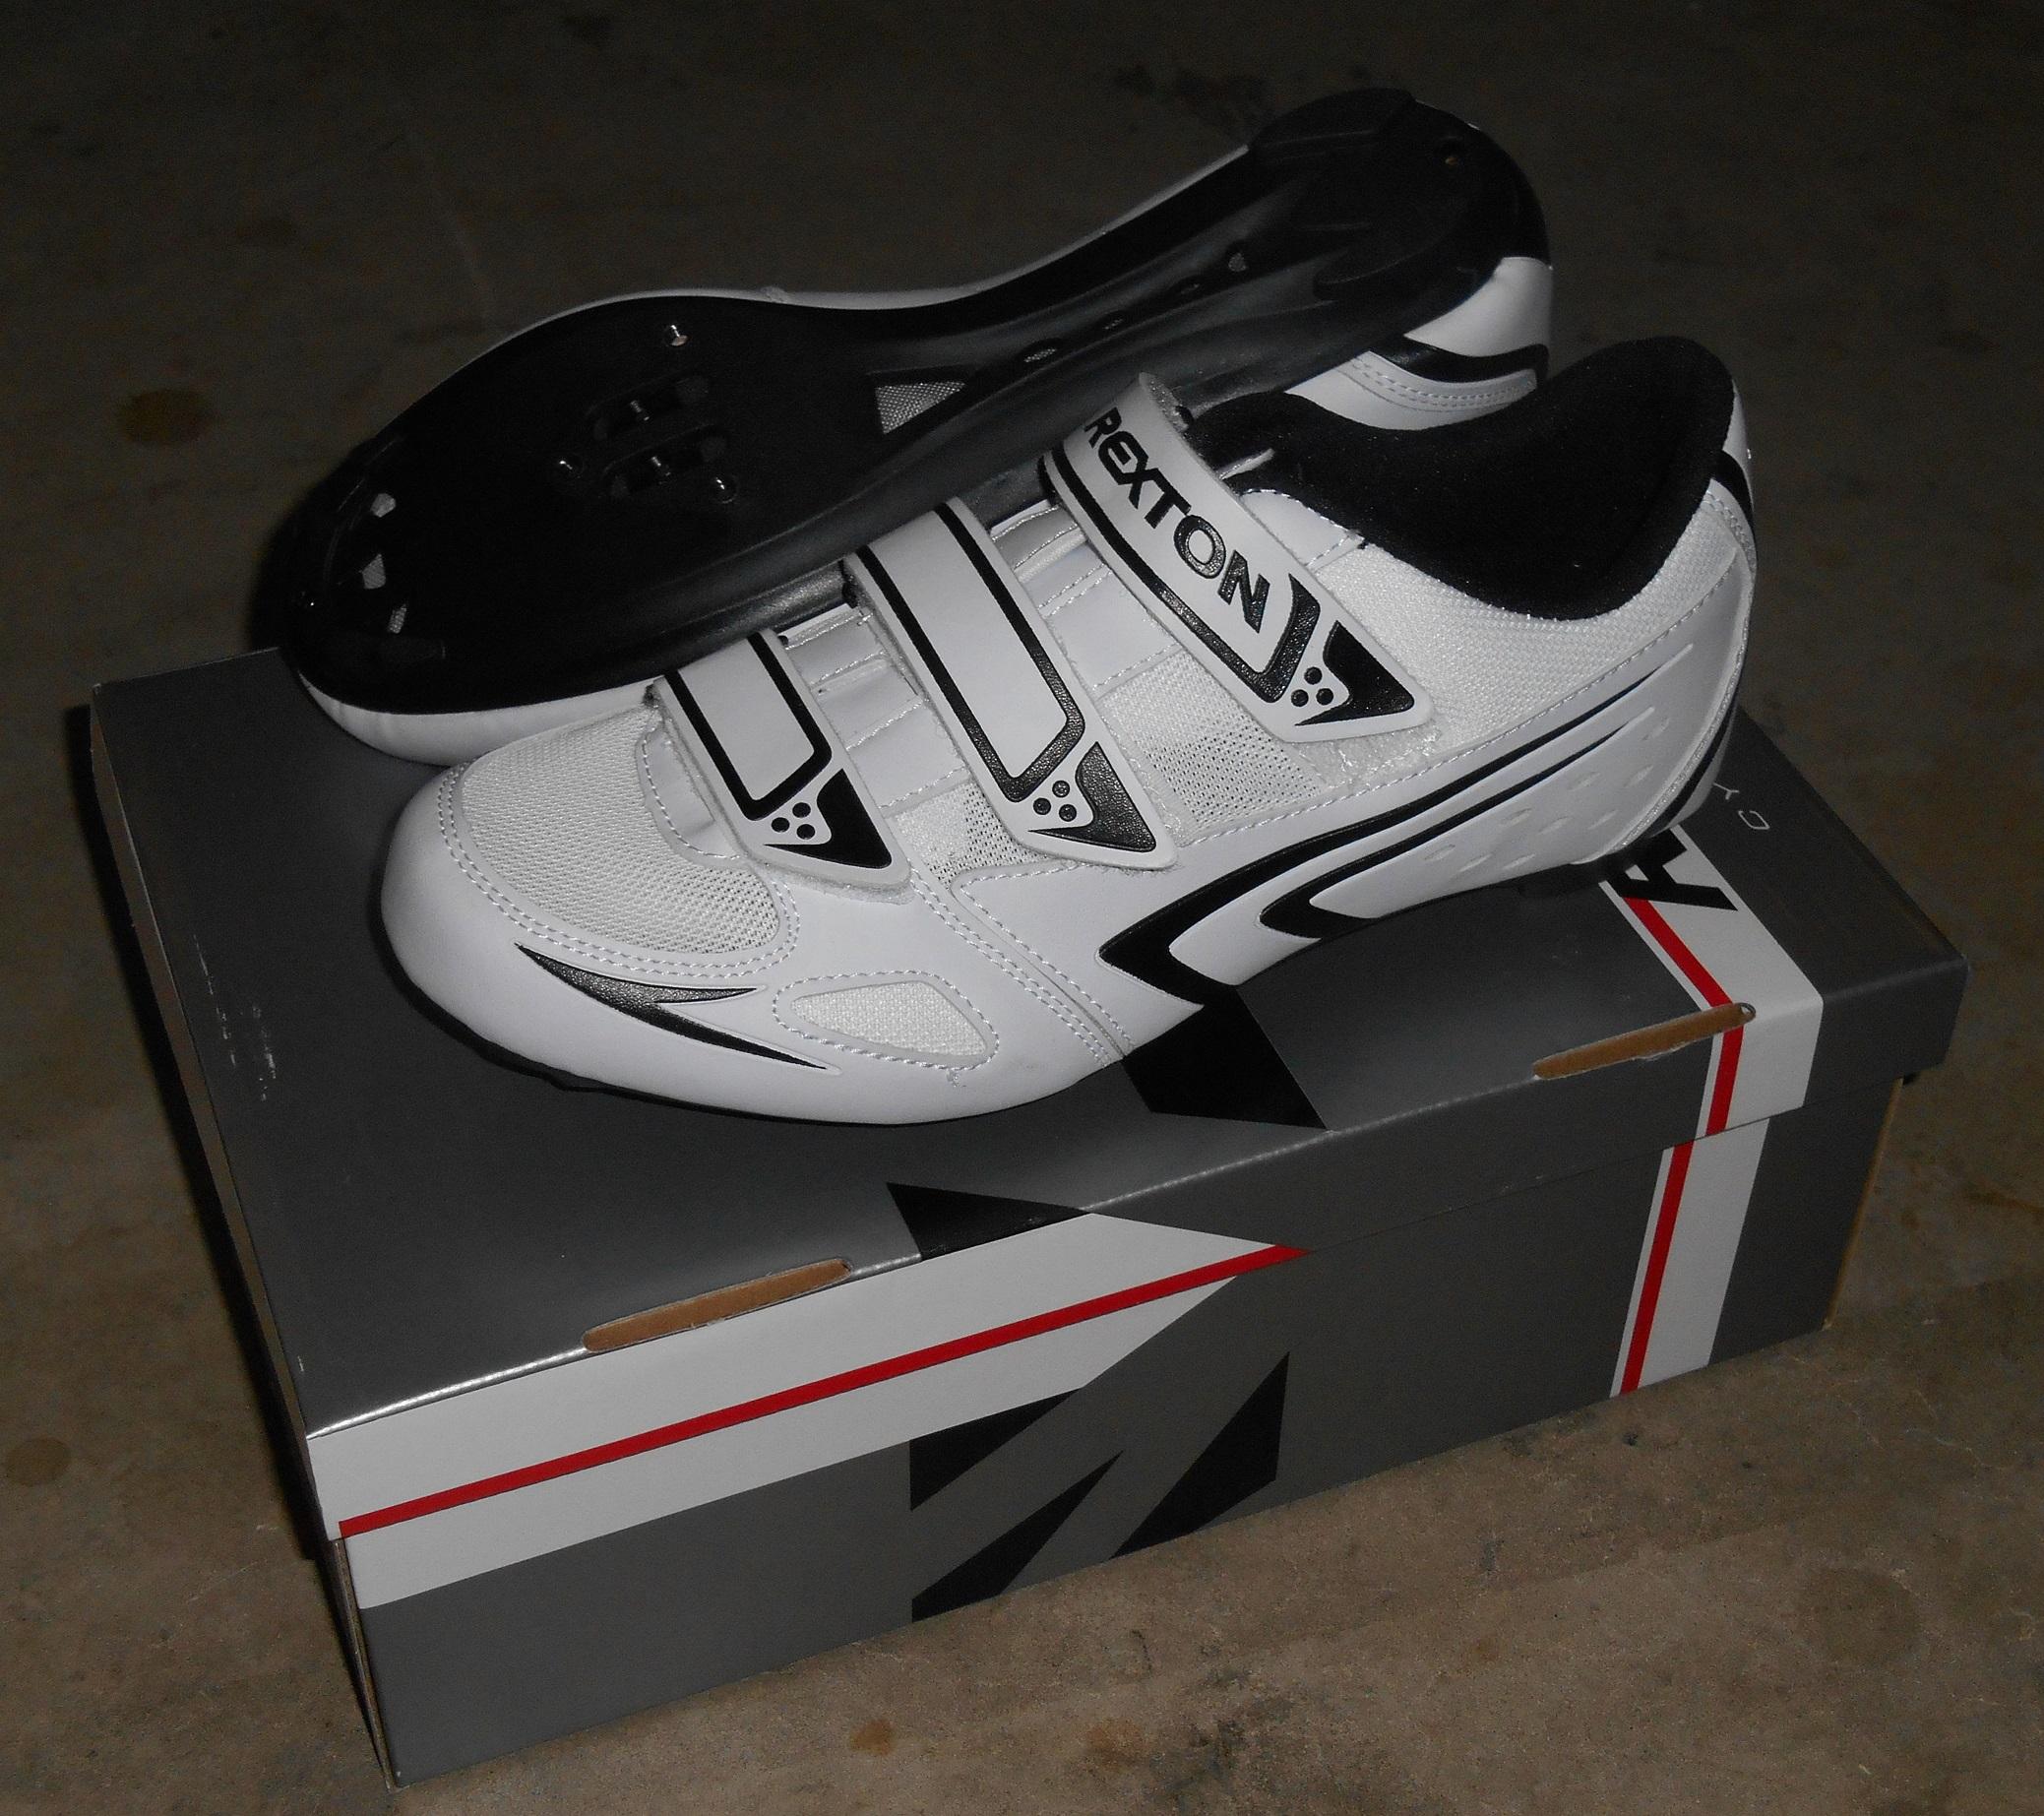 Rexton Road Bike Cycling Shoes Size EU 42 / UK 8 Shimano / Look Compatible